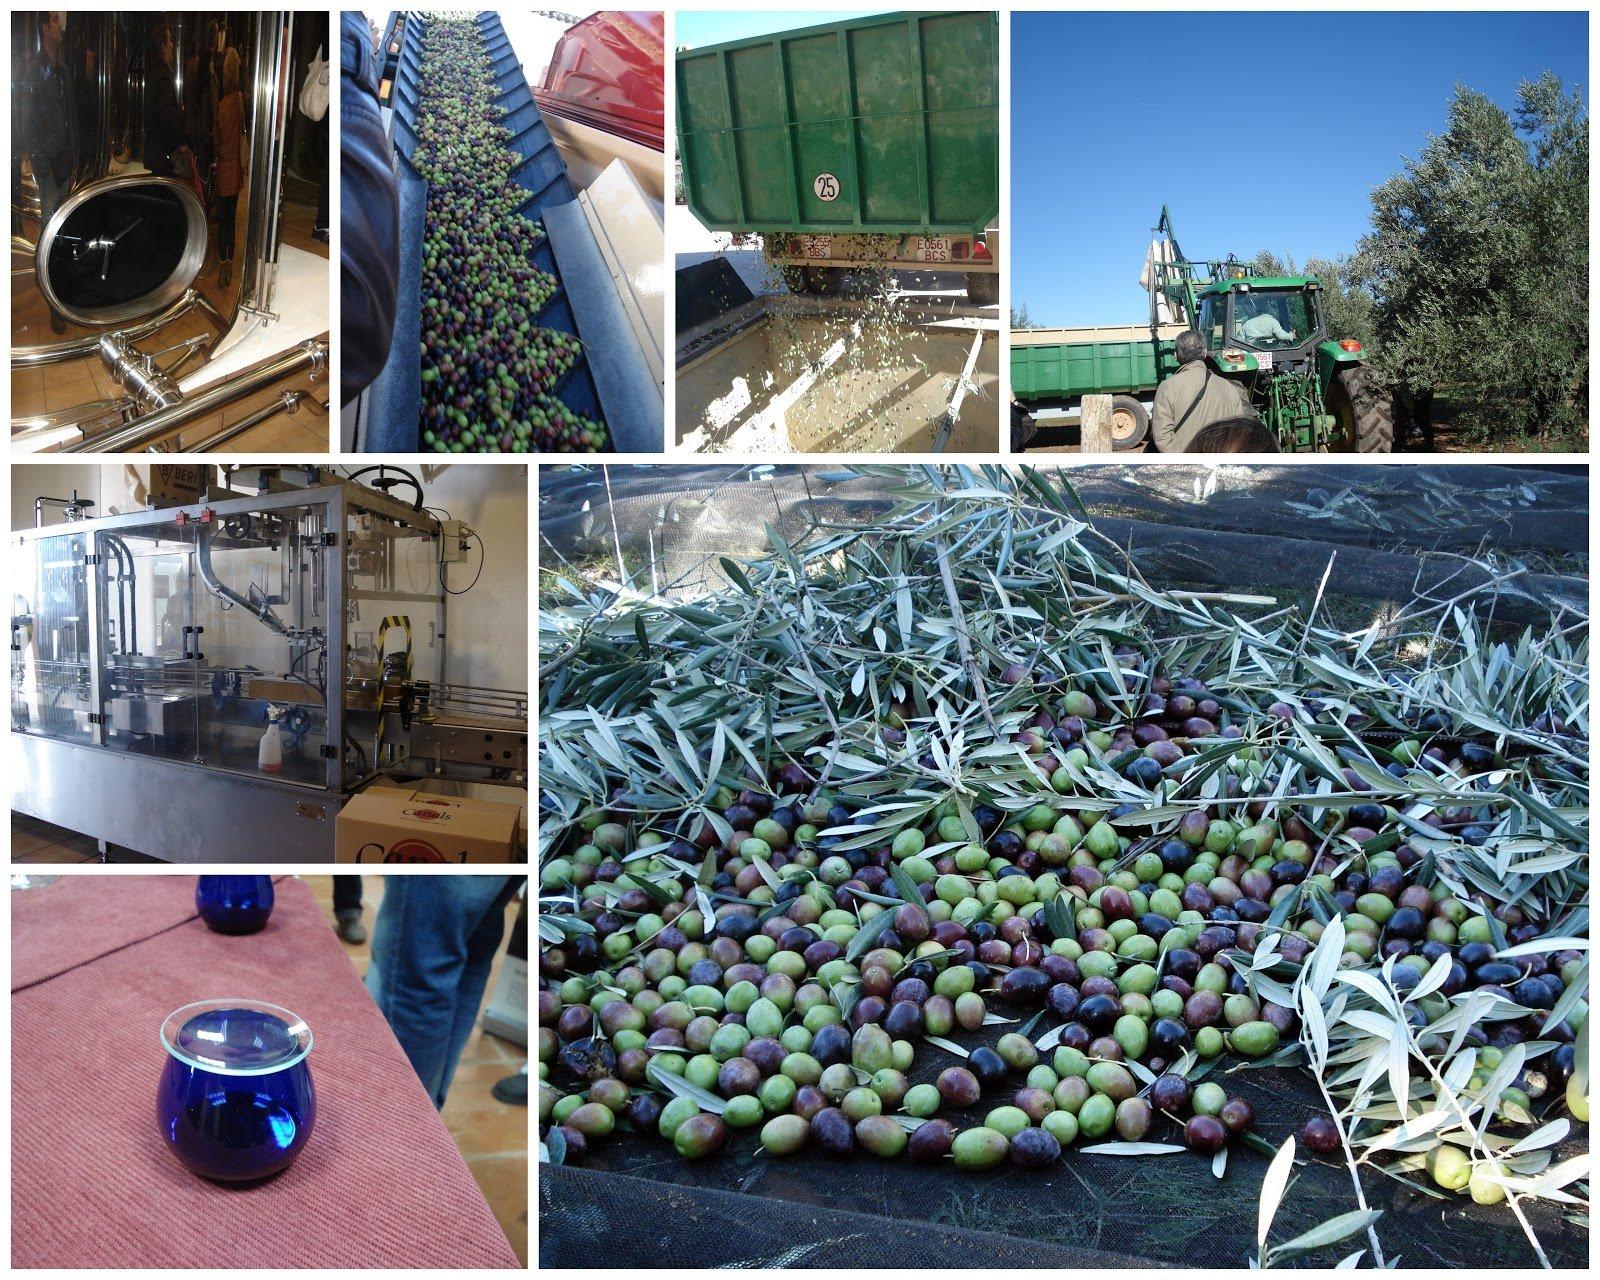 3 bottles Oro Bailen Family Reserve - Extra Virgin Olive Oil, New Harvest 2017, 17-Ounce / 500 ml by Oro Bailen (Image #6)